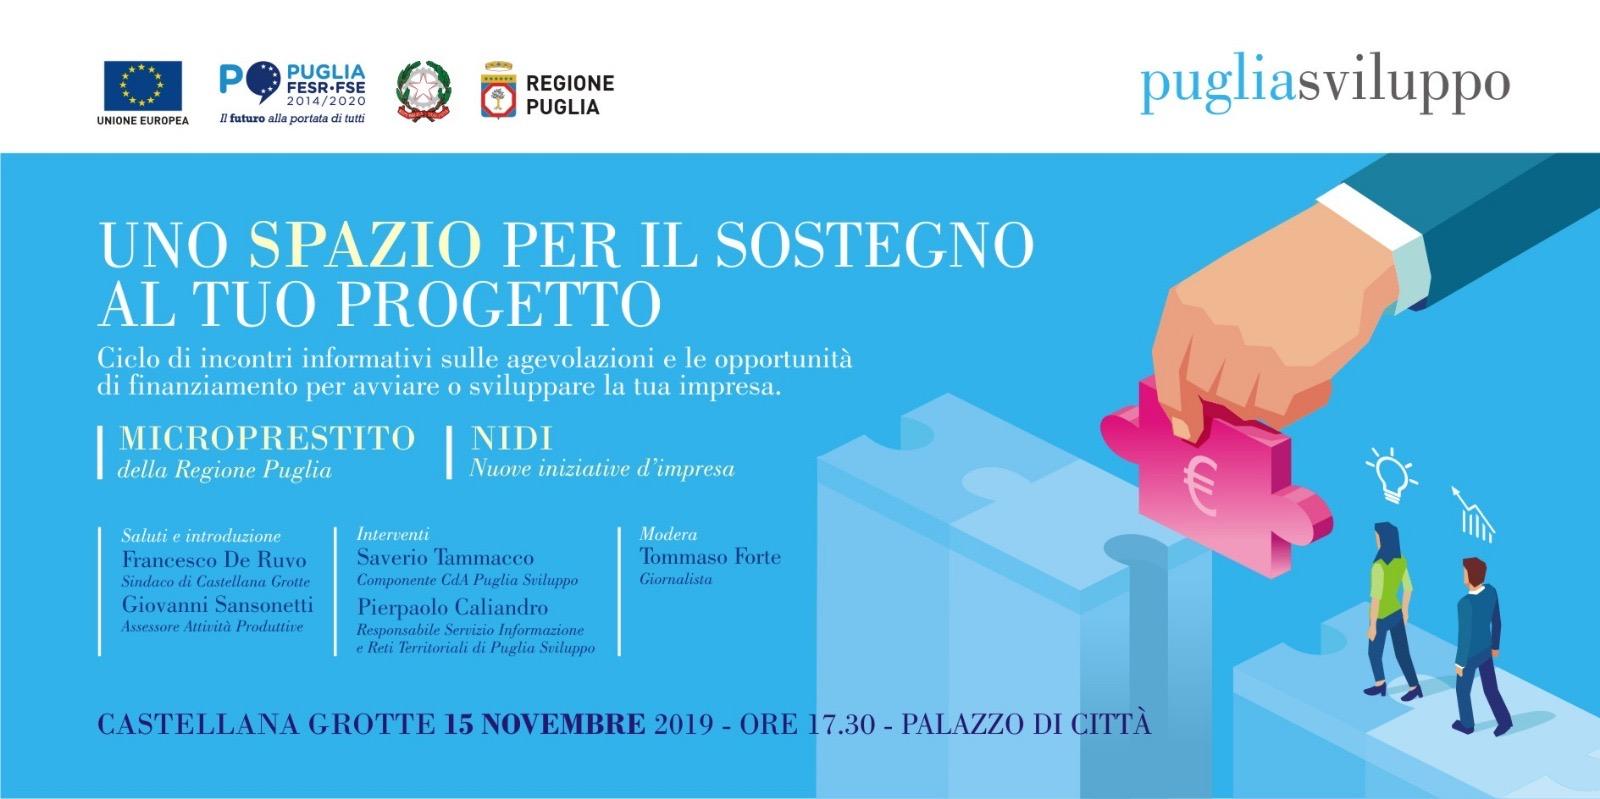 Castellana Grotte: opportunità per le giovani imprese, convegno - Noi Notizie. - Noi Notizie